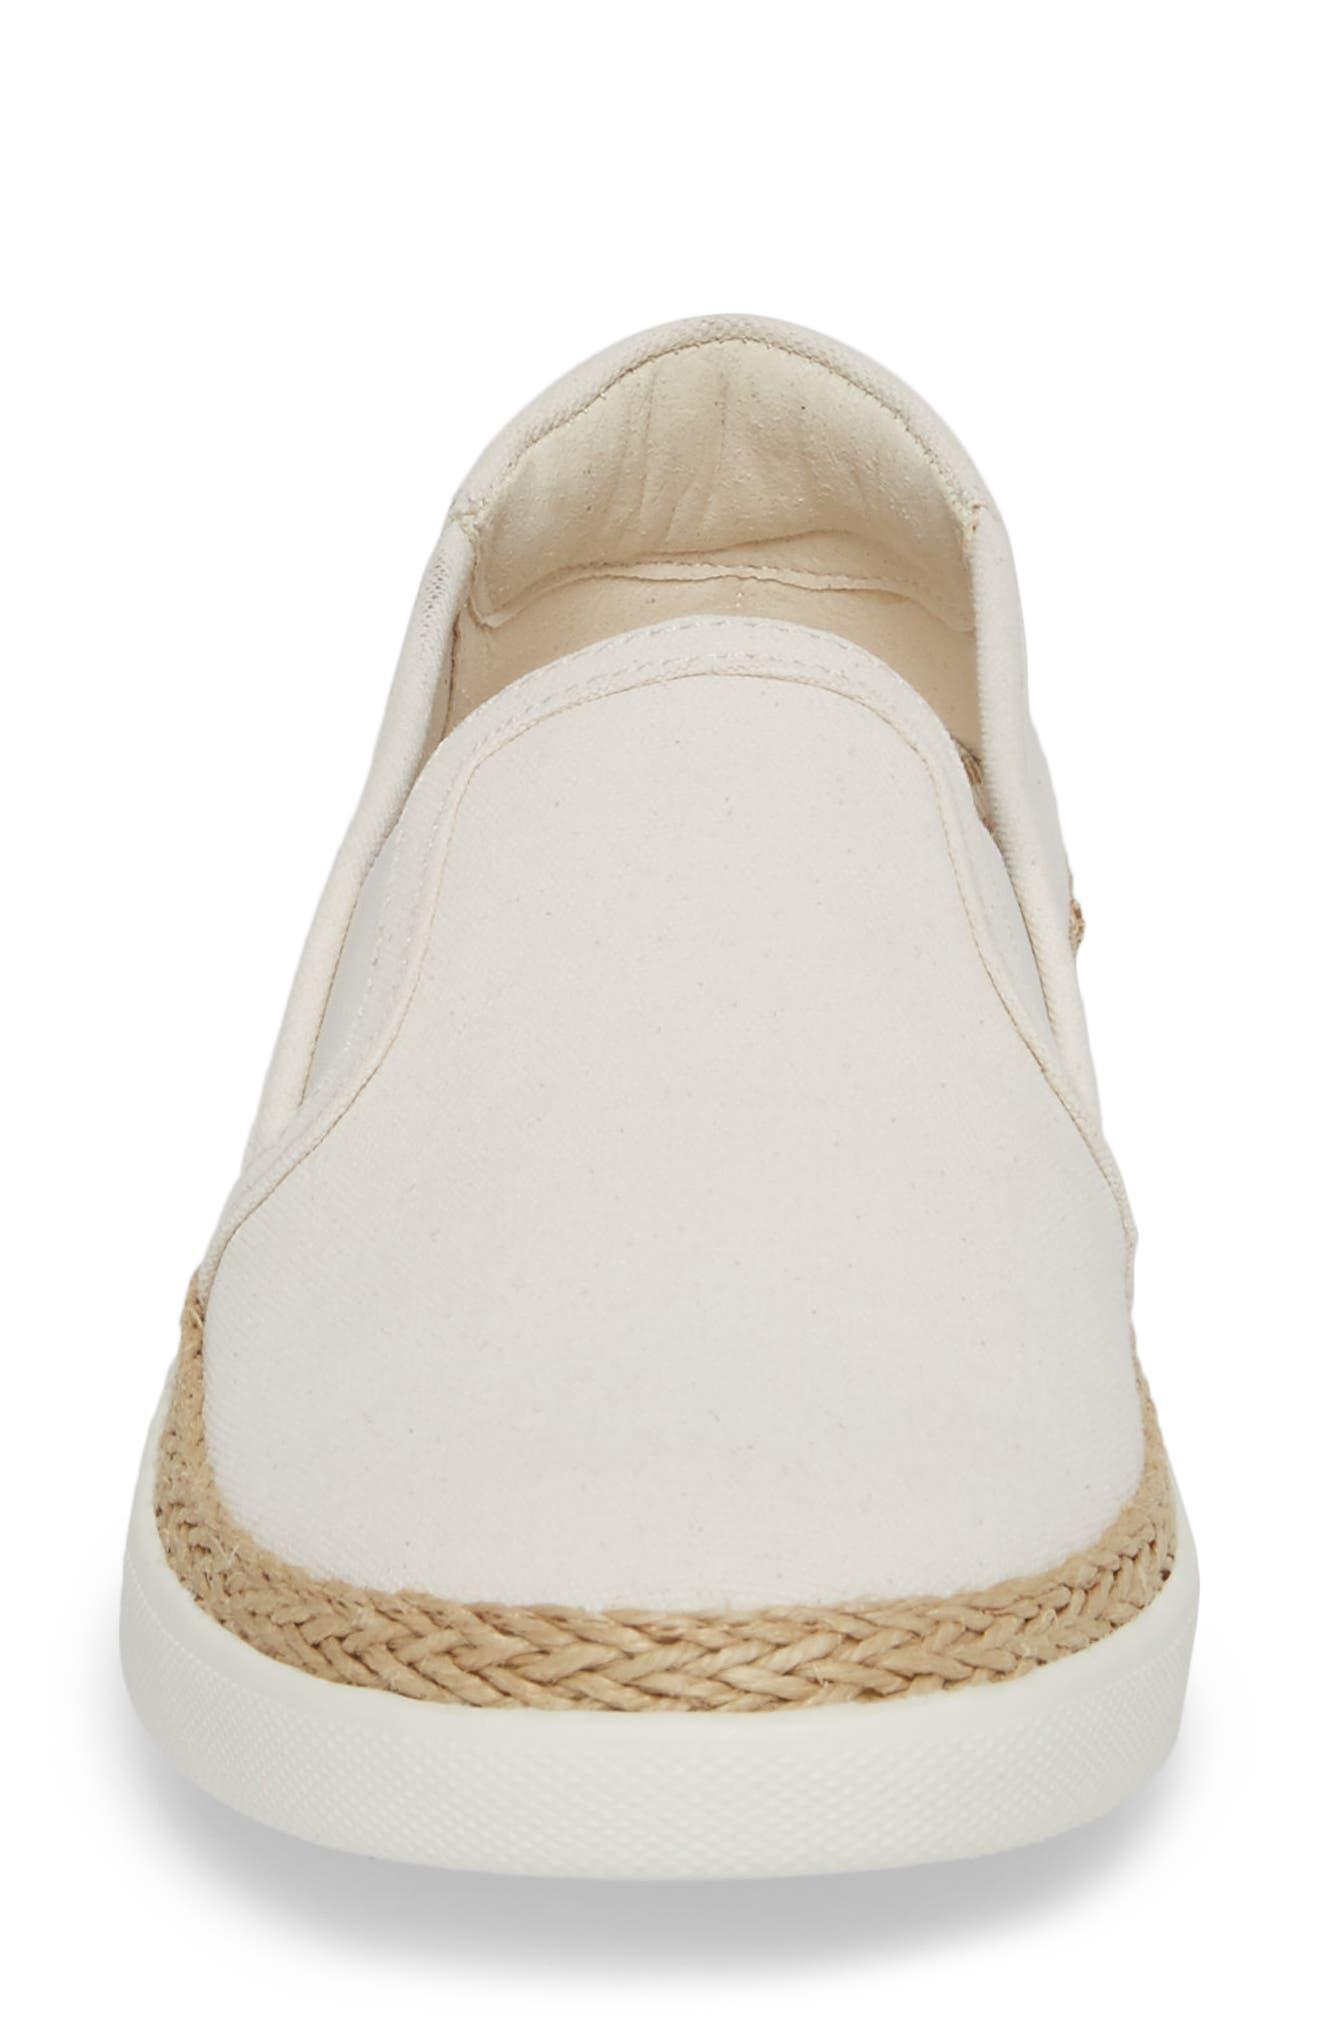 Rae Slip-On Sneaker,                             Alternate thumbnail 4, color,                             IVORY CANVAS